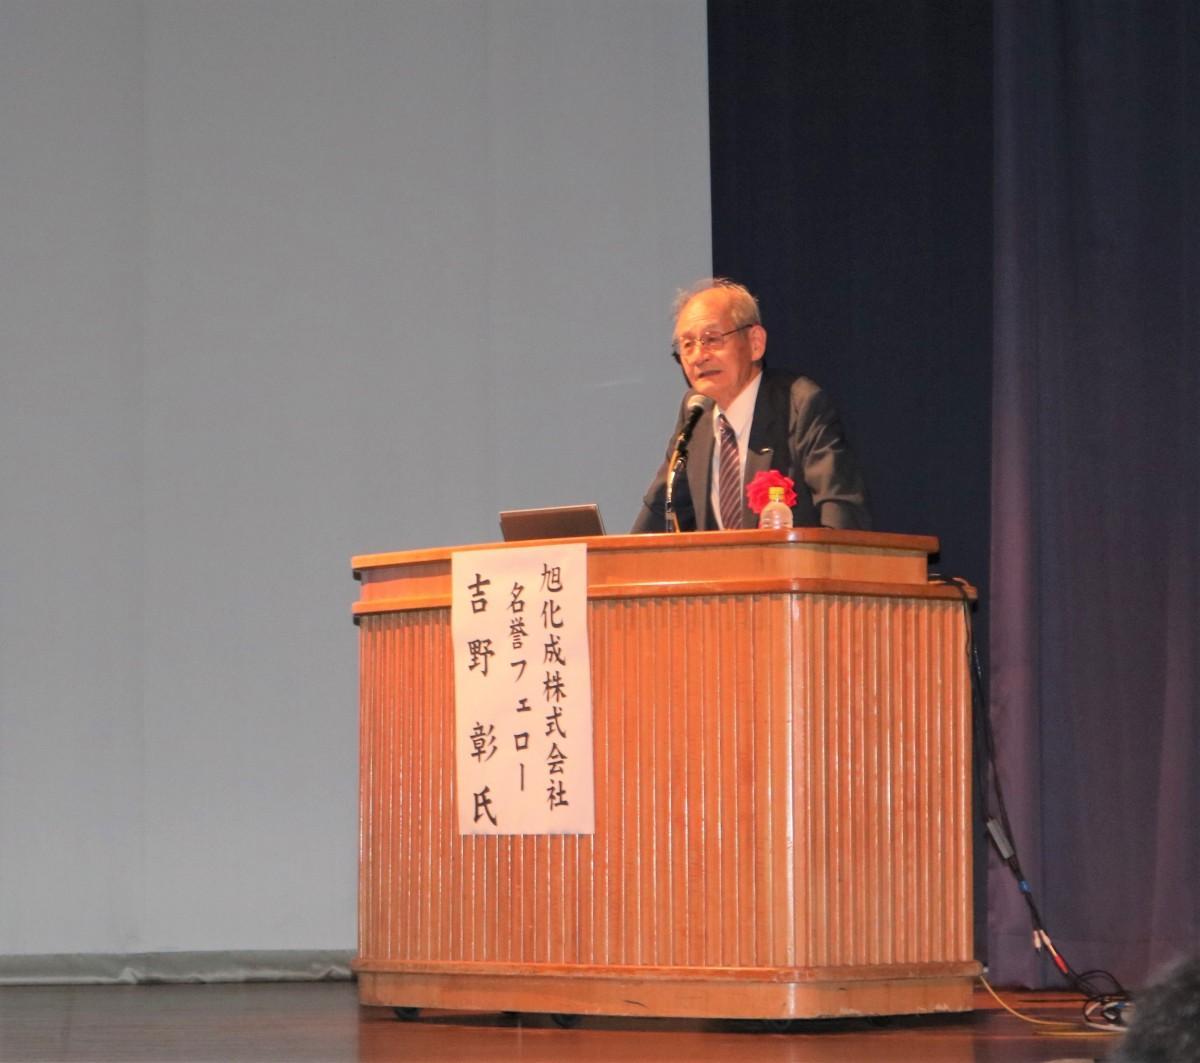 今年7月に日向市で講演会を行った吉野彰さん